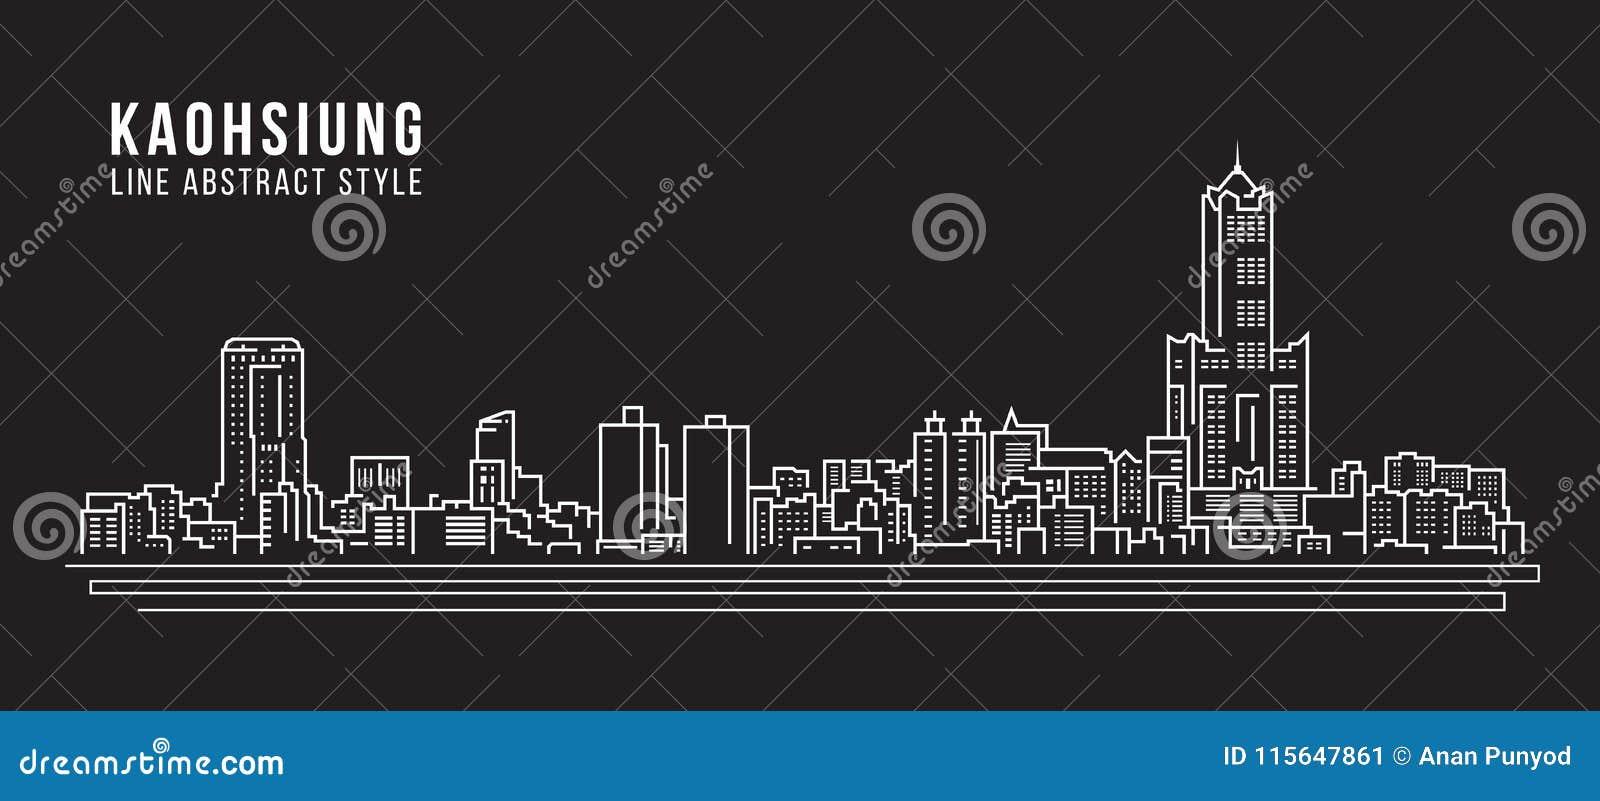 Cityscapebyggnadslinje design för konstvektorillustration - Kaohsiung stad